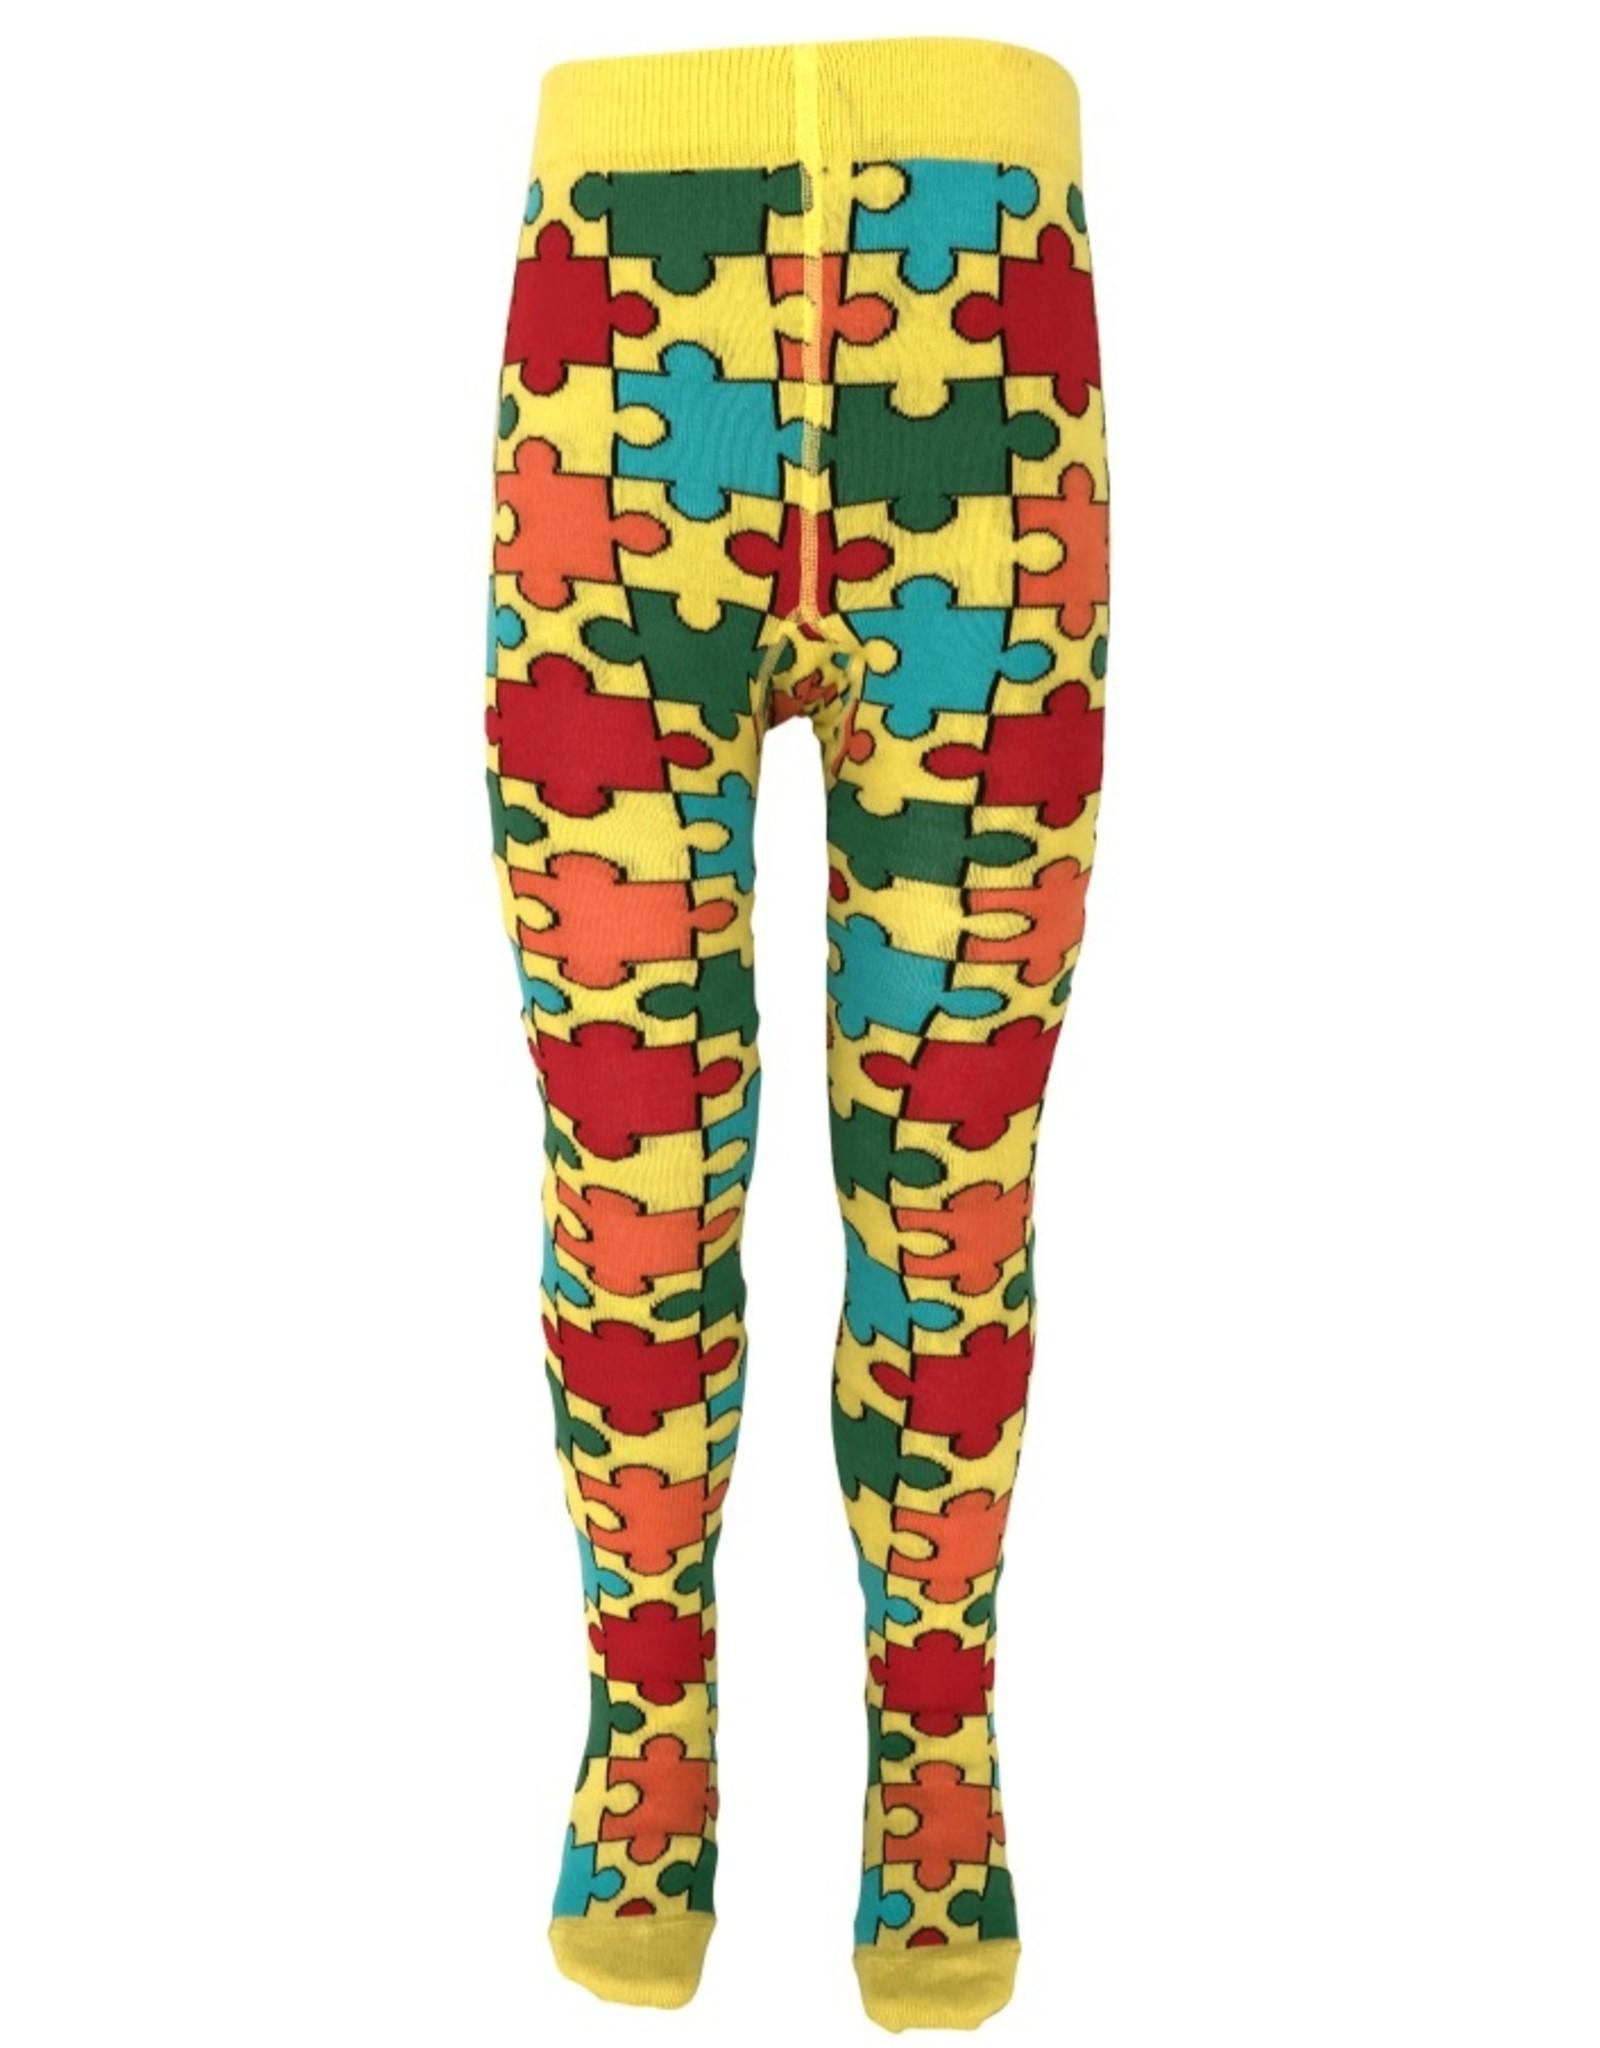 Slugs & Snails Children's maillots - Puzzle